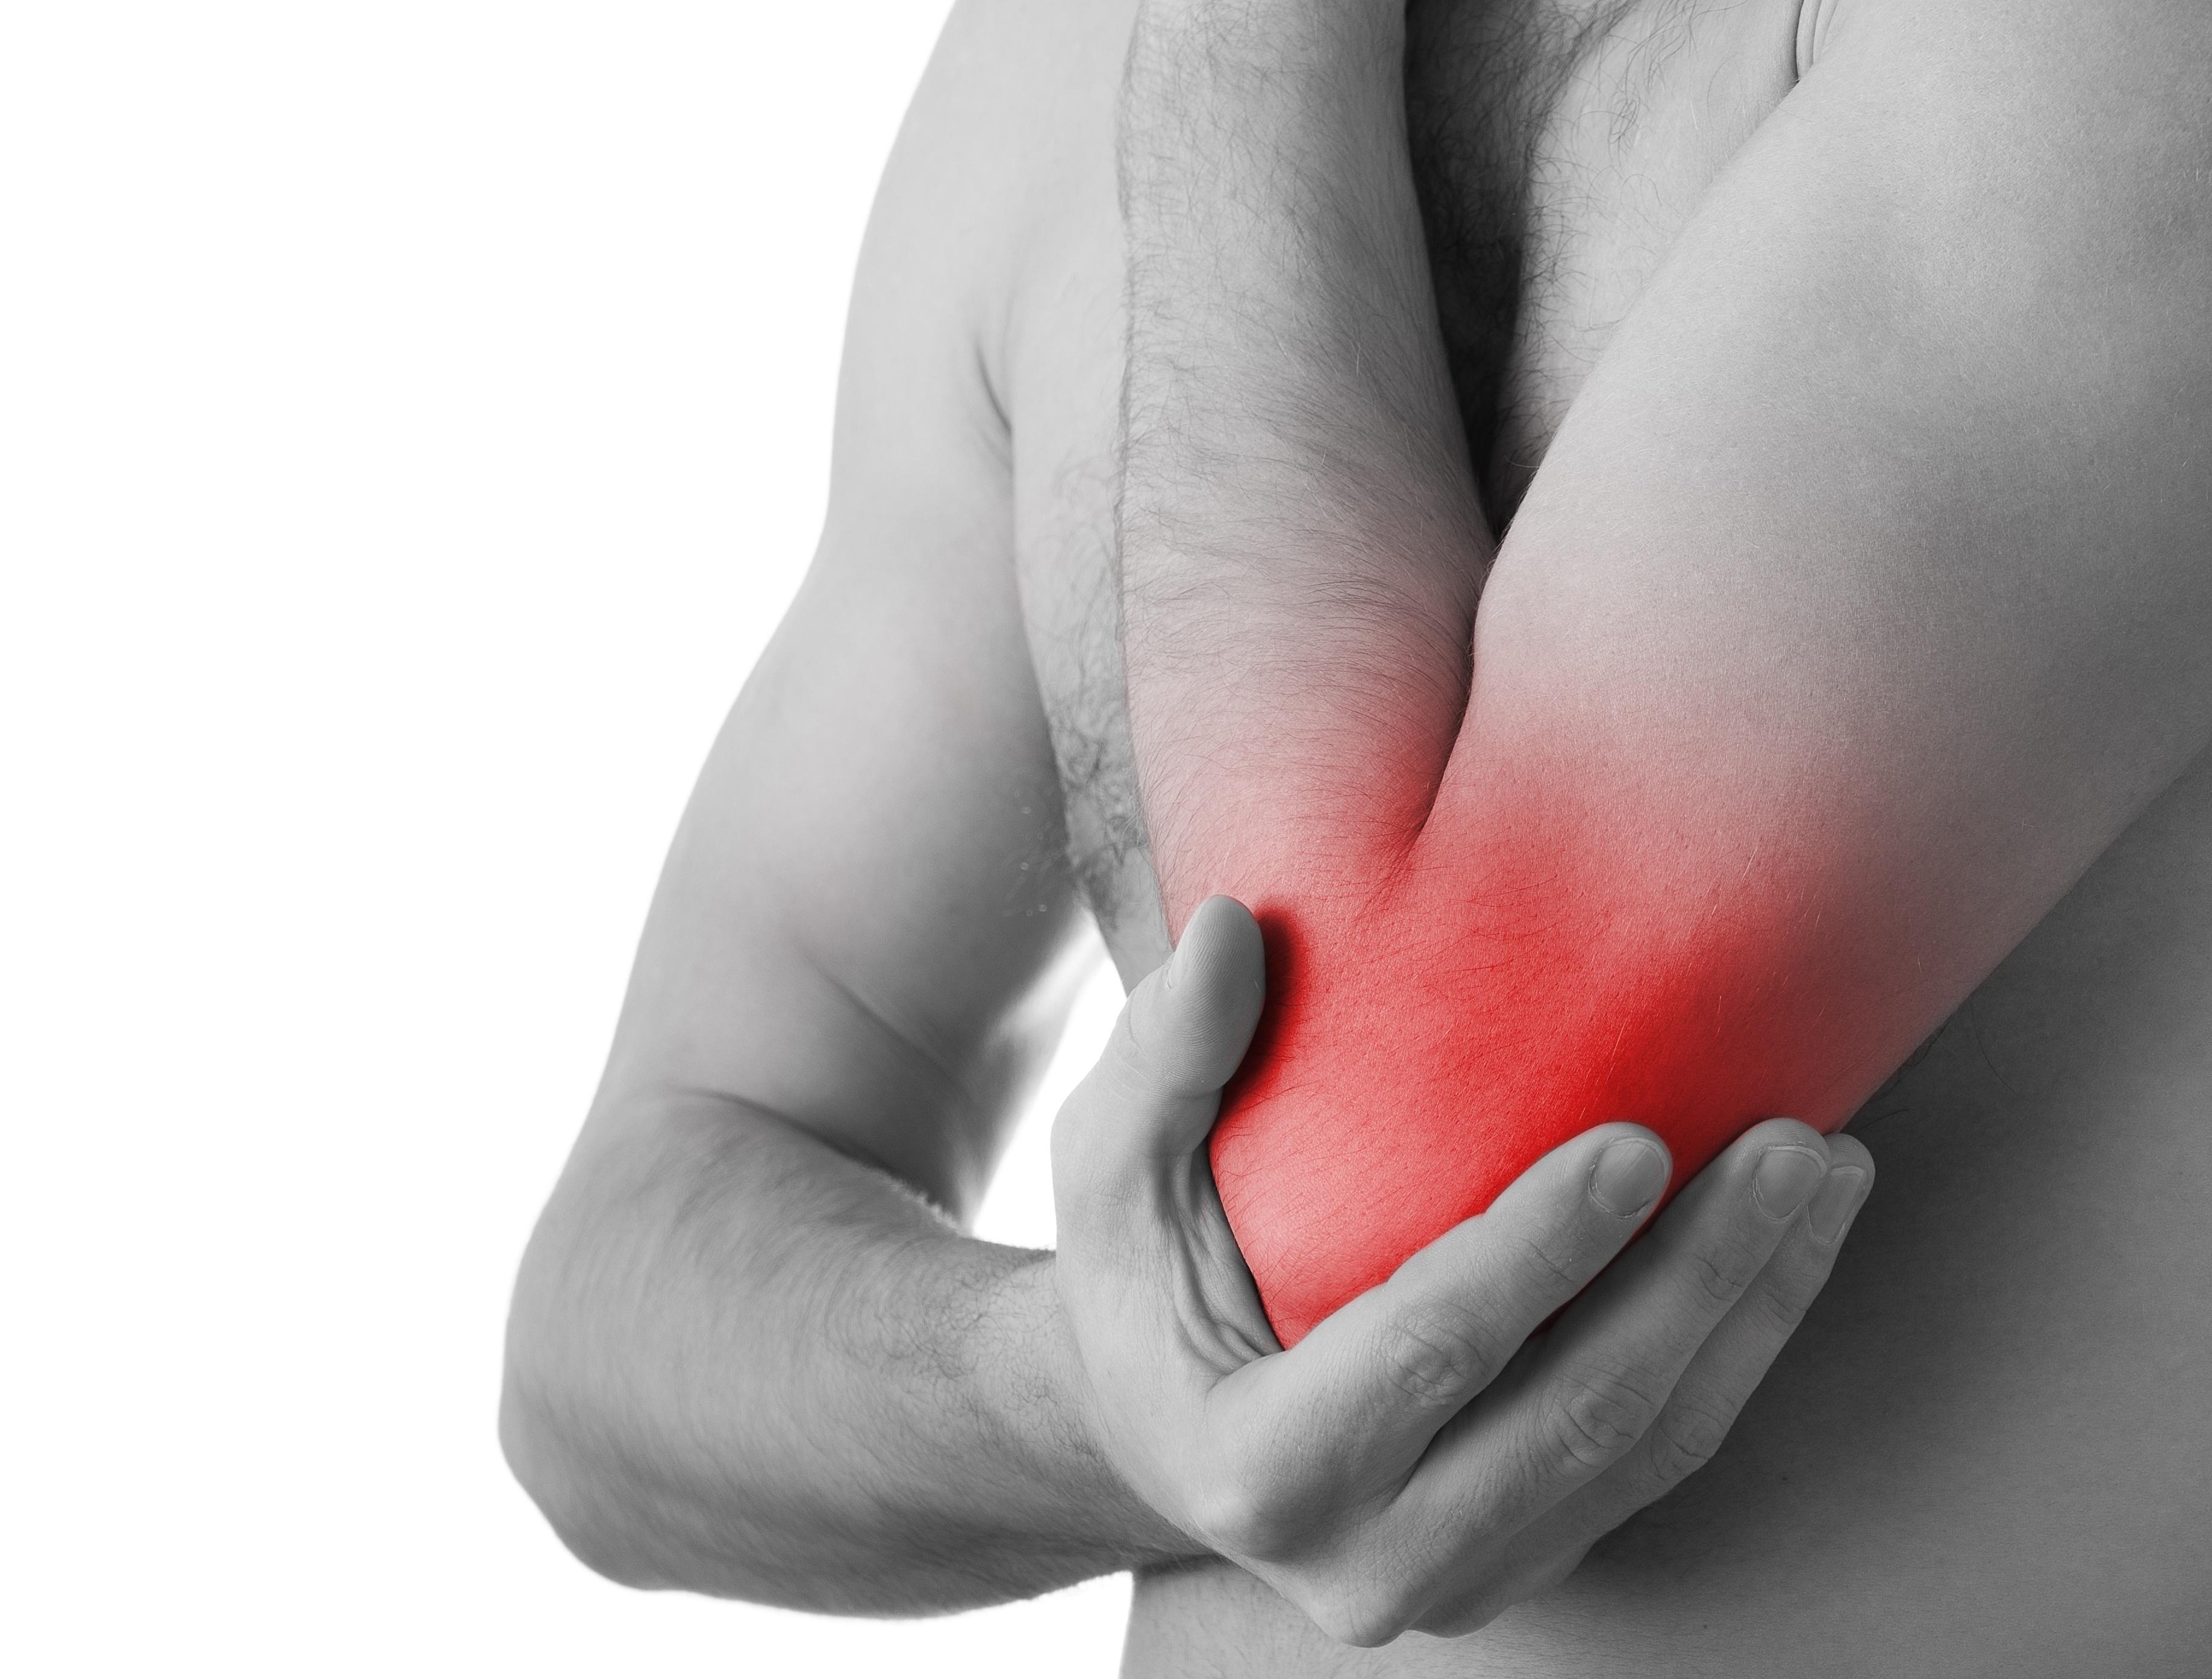 fájdalom a csípő ízületeiben. kezelés ízületek és kezelés céljából